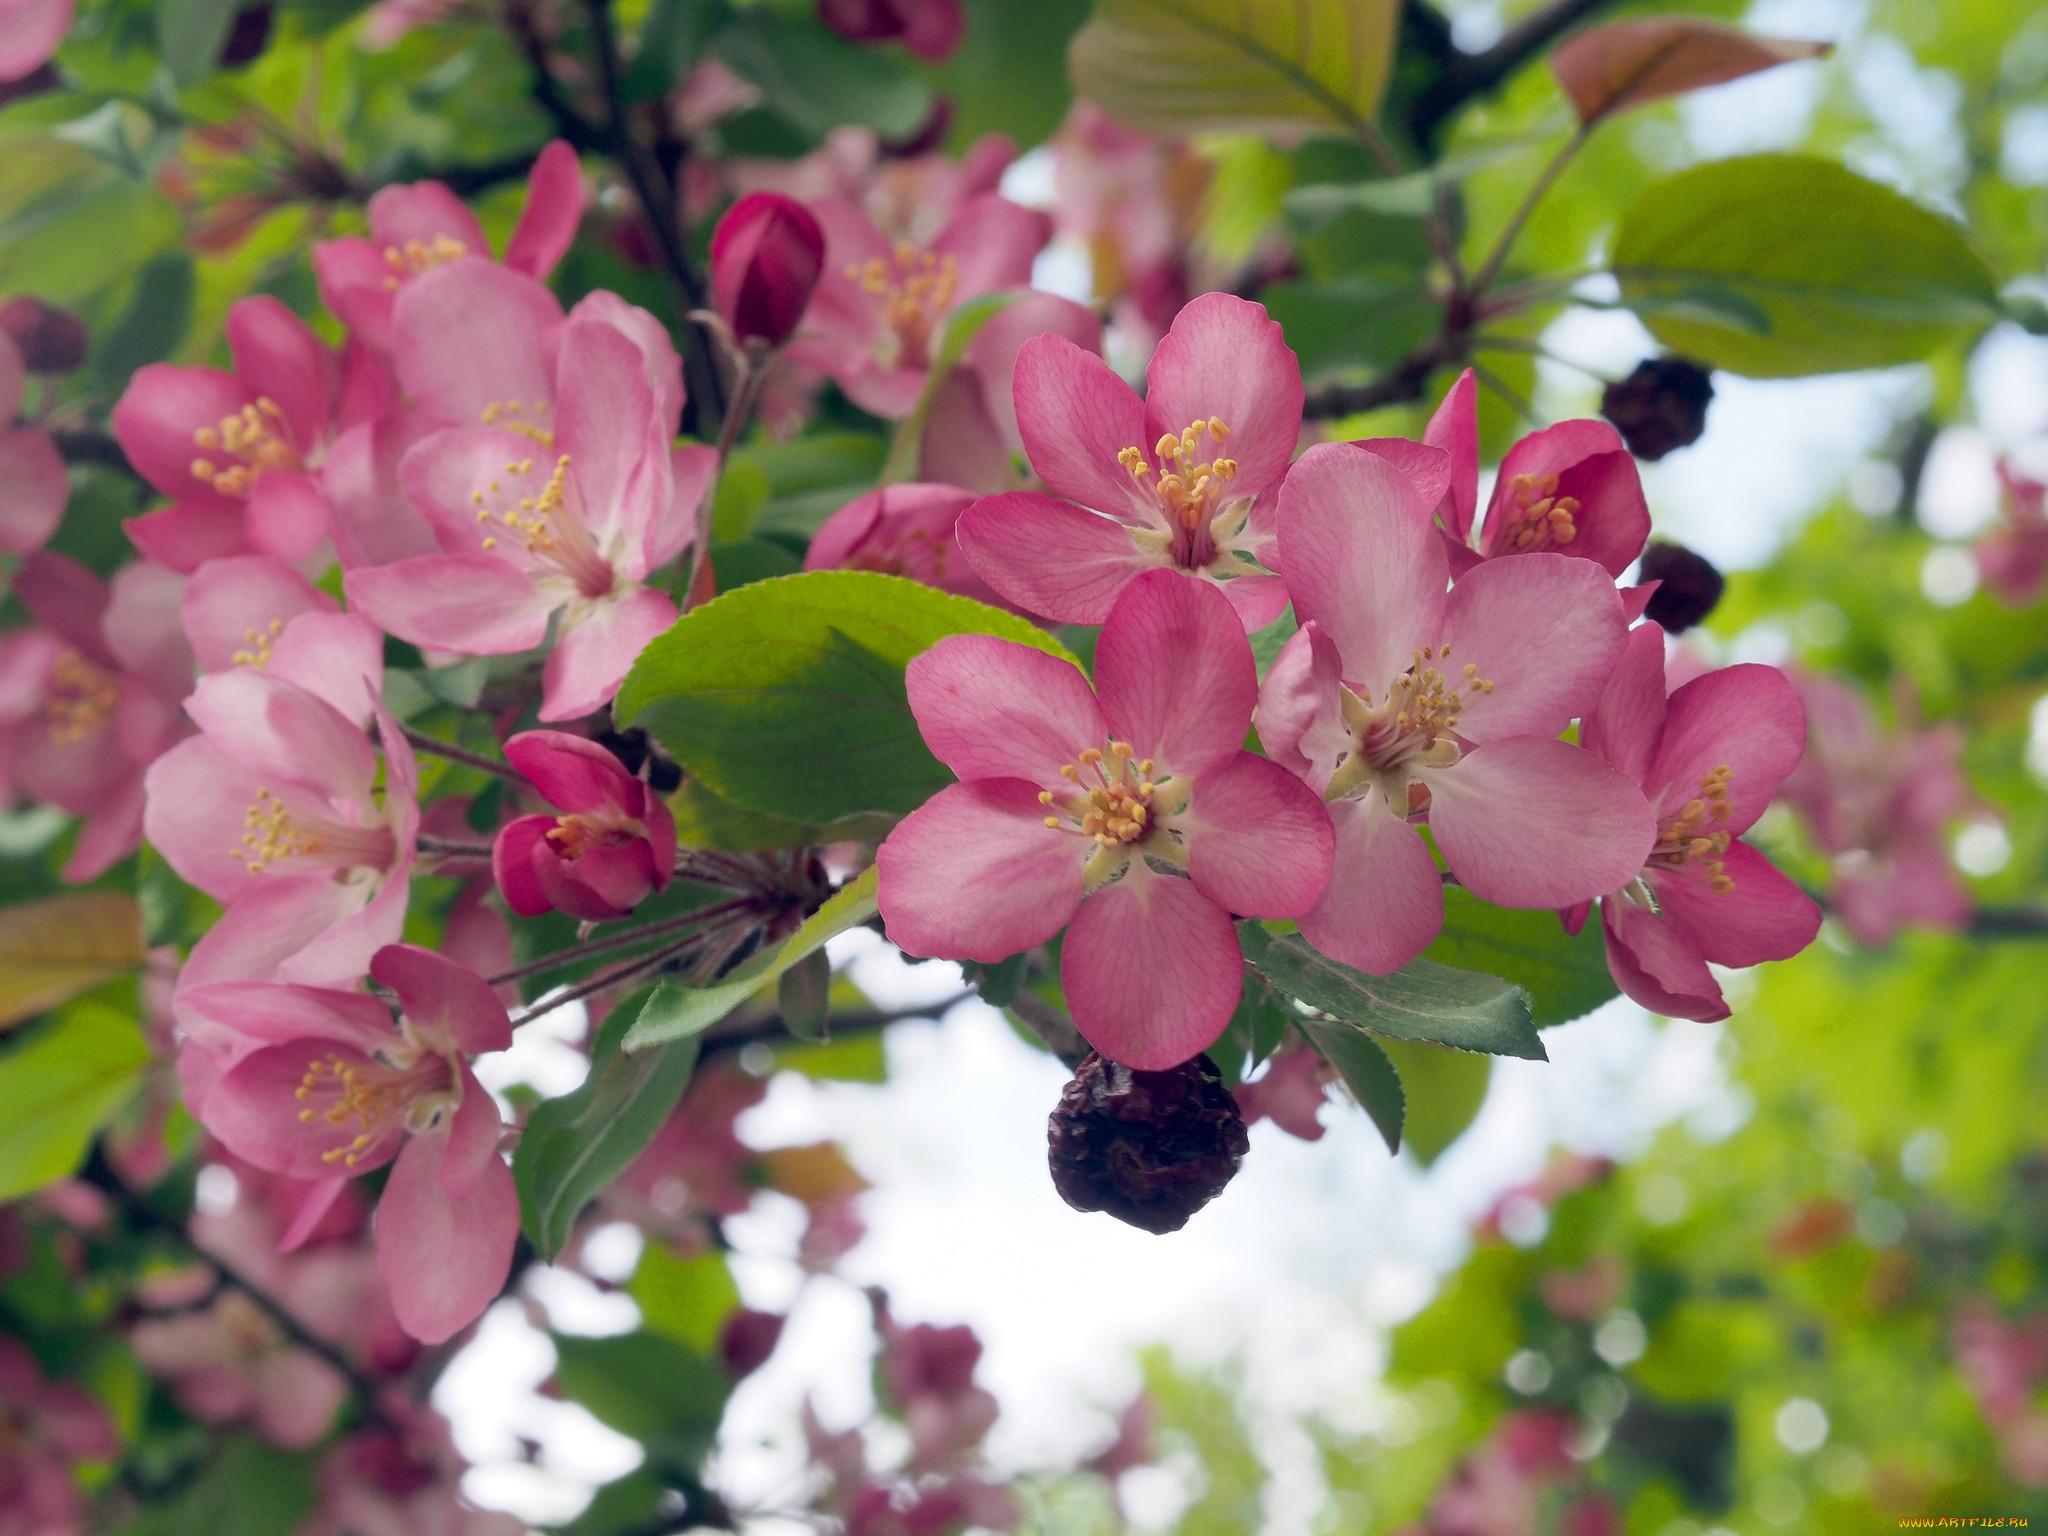 советуем держать красивые картинки цветущих яблонь инструменты идеально подойдут